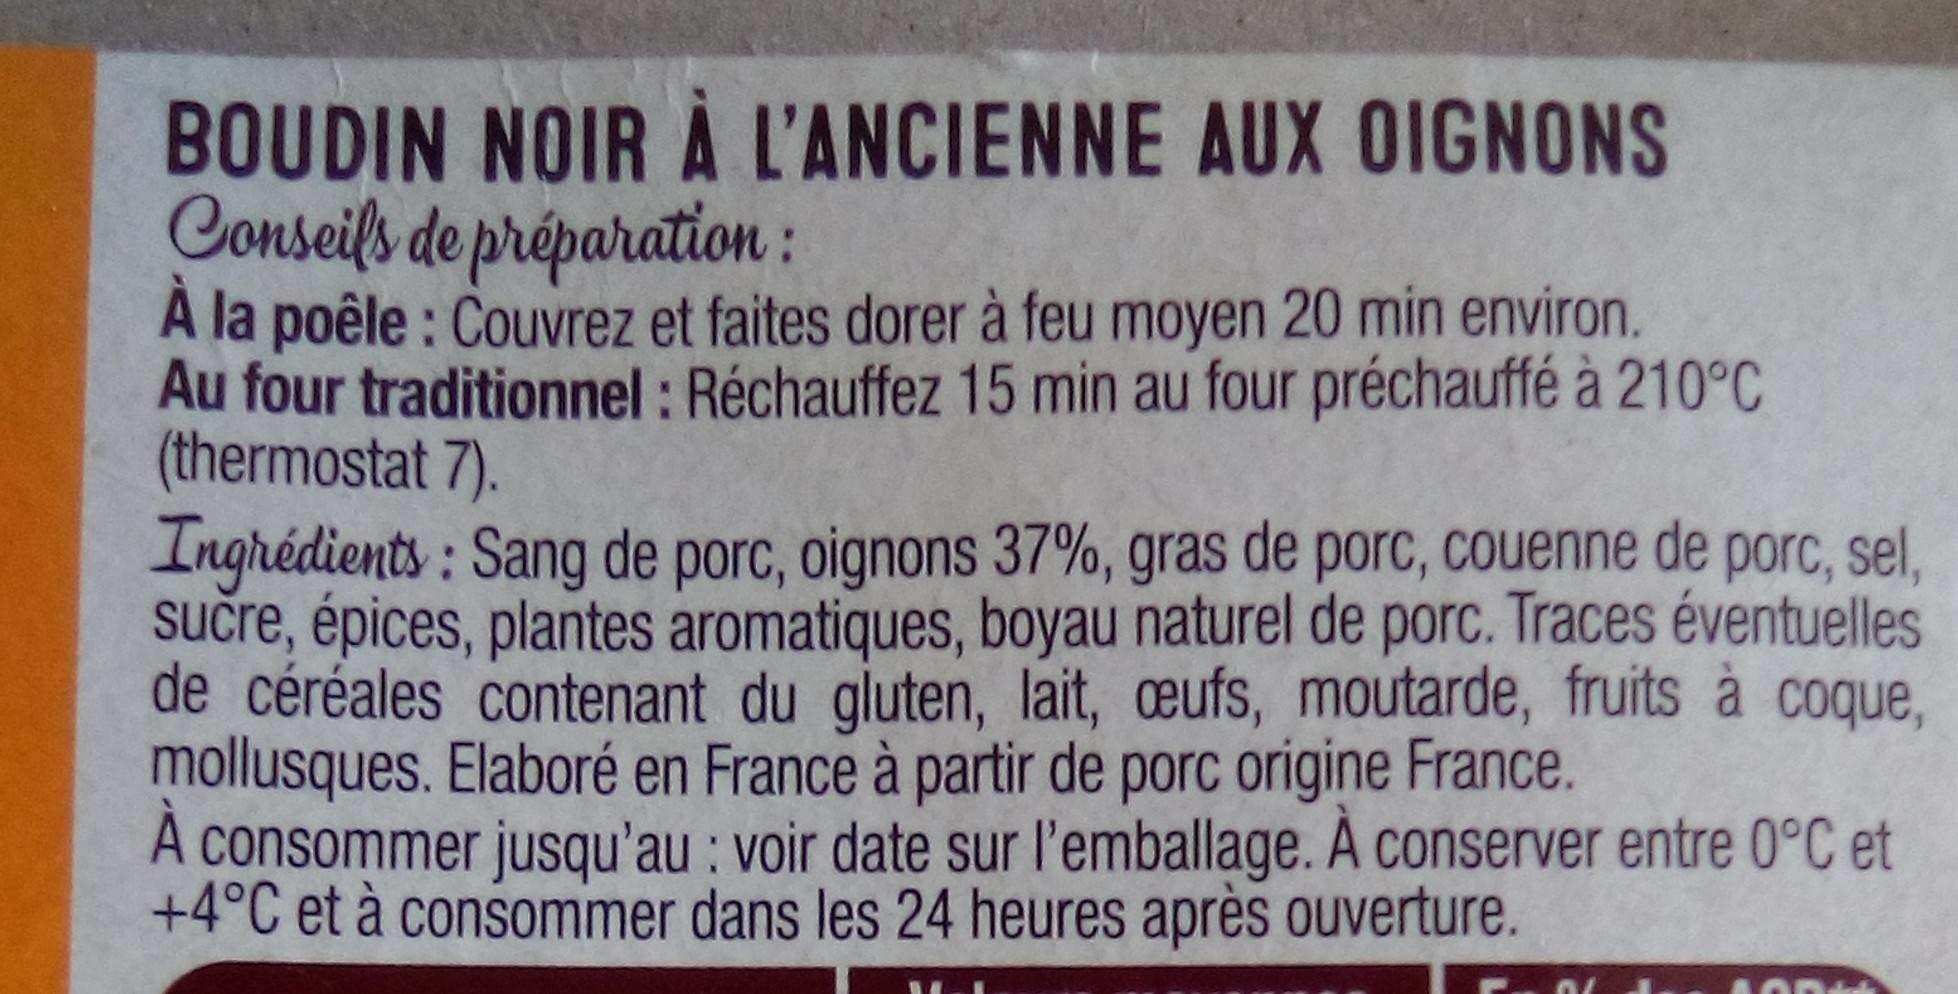 Boudin à la ancienne aux oignons frais - Ingrédients - fr